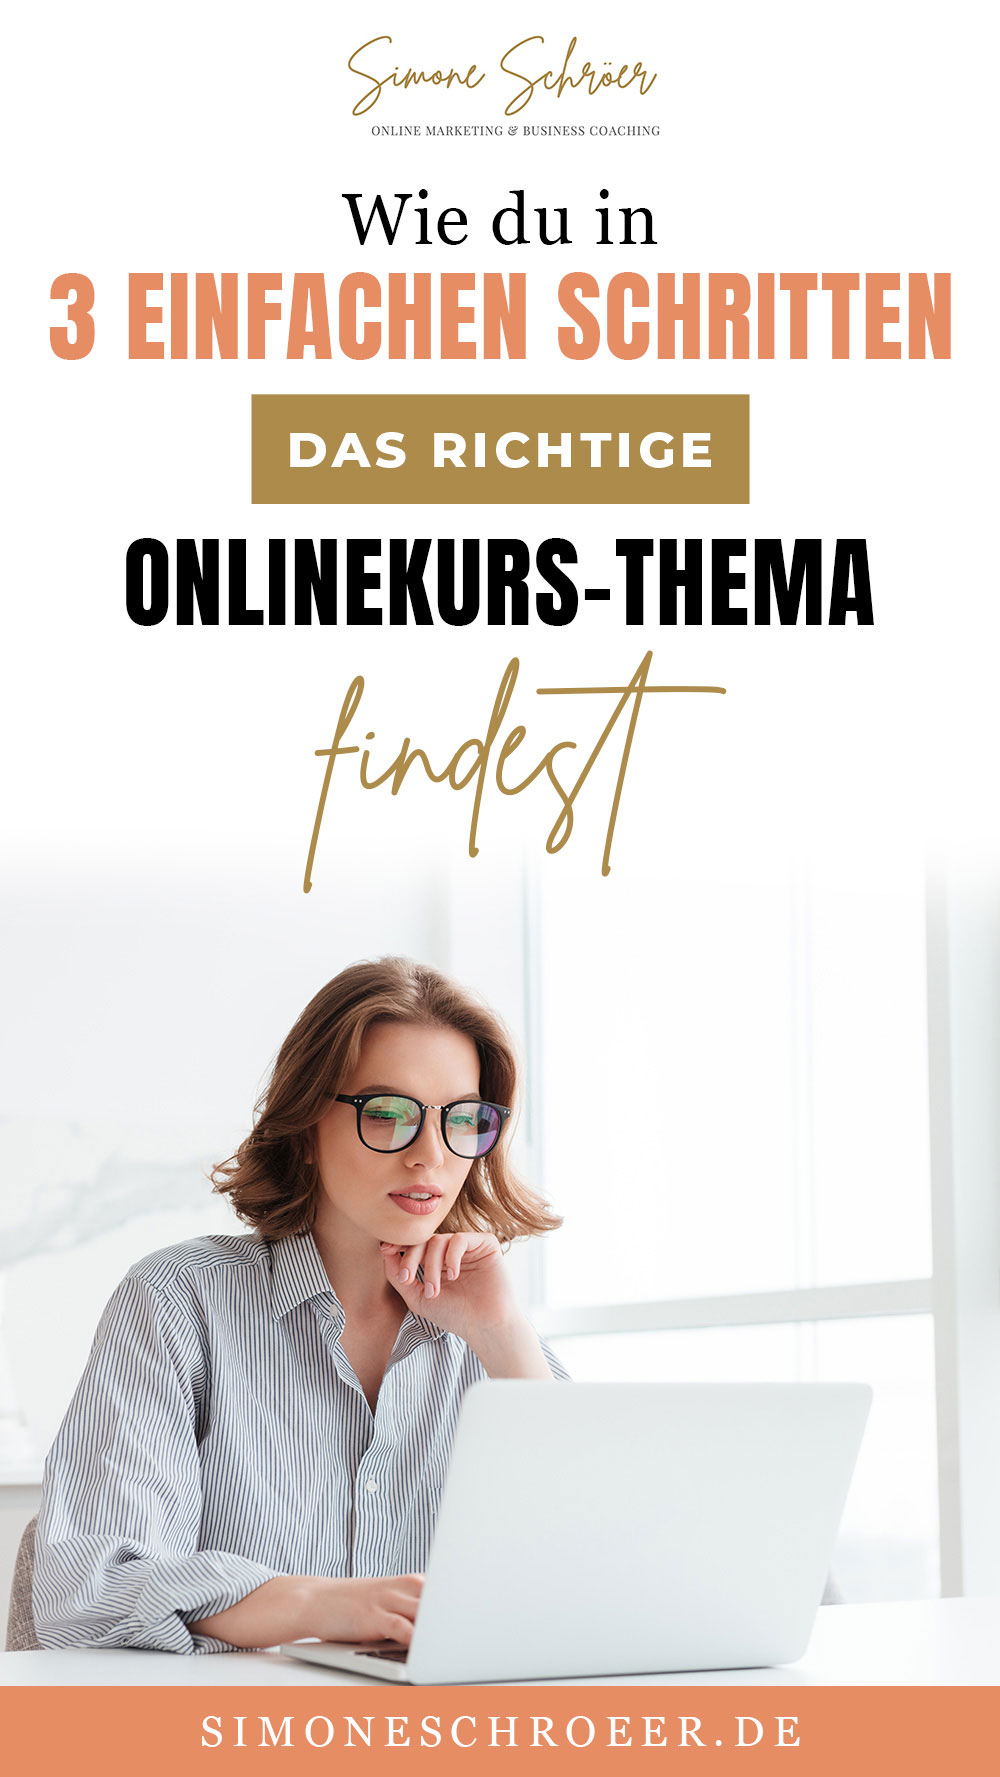 Auf diesem Foto siehst du eine Frau am Laptop. Auf der Grafik steht, wie du in 3 einfachen Schritten das richtige Onlinekurs-thema findest.